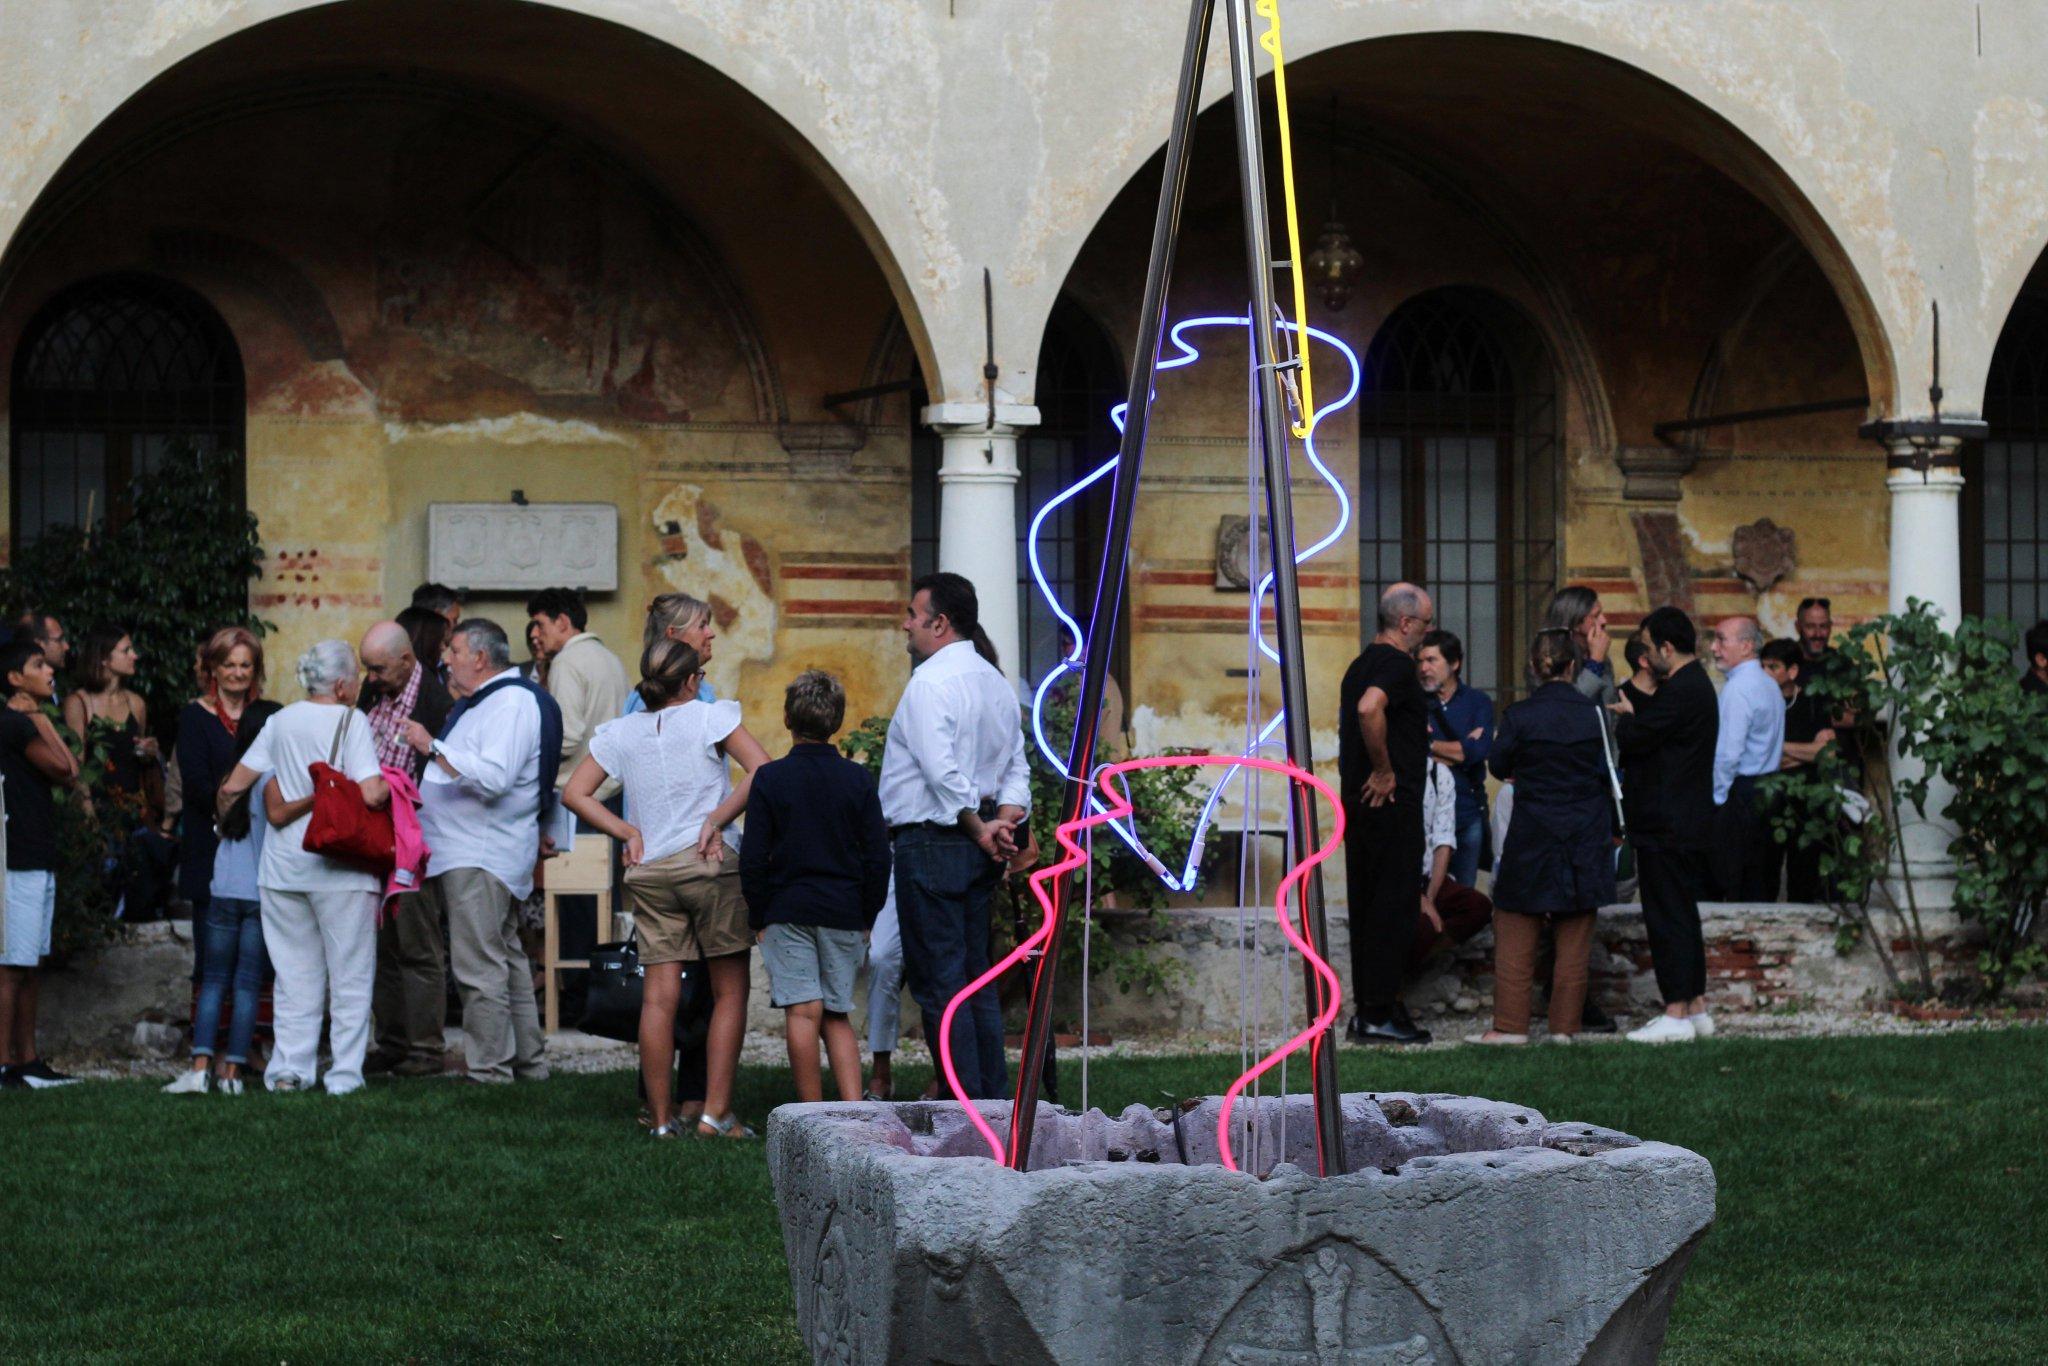 Francesco Candeloro. Occhi del tempo & Templi di Luce – Musei Civici Bassano del Grappa